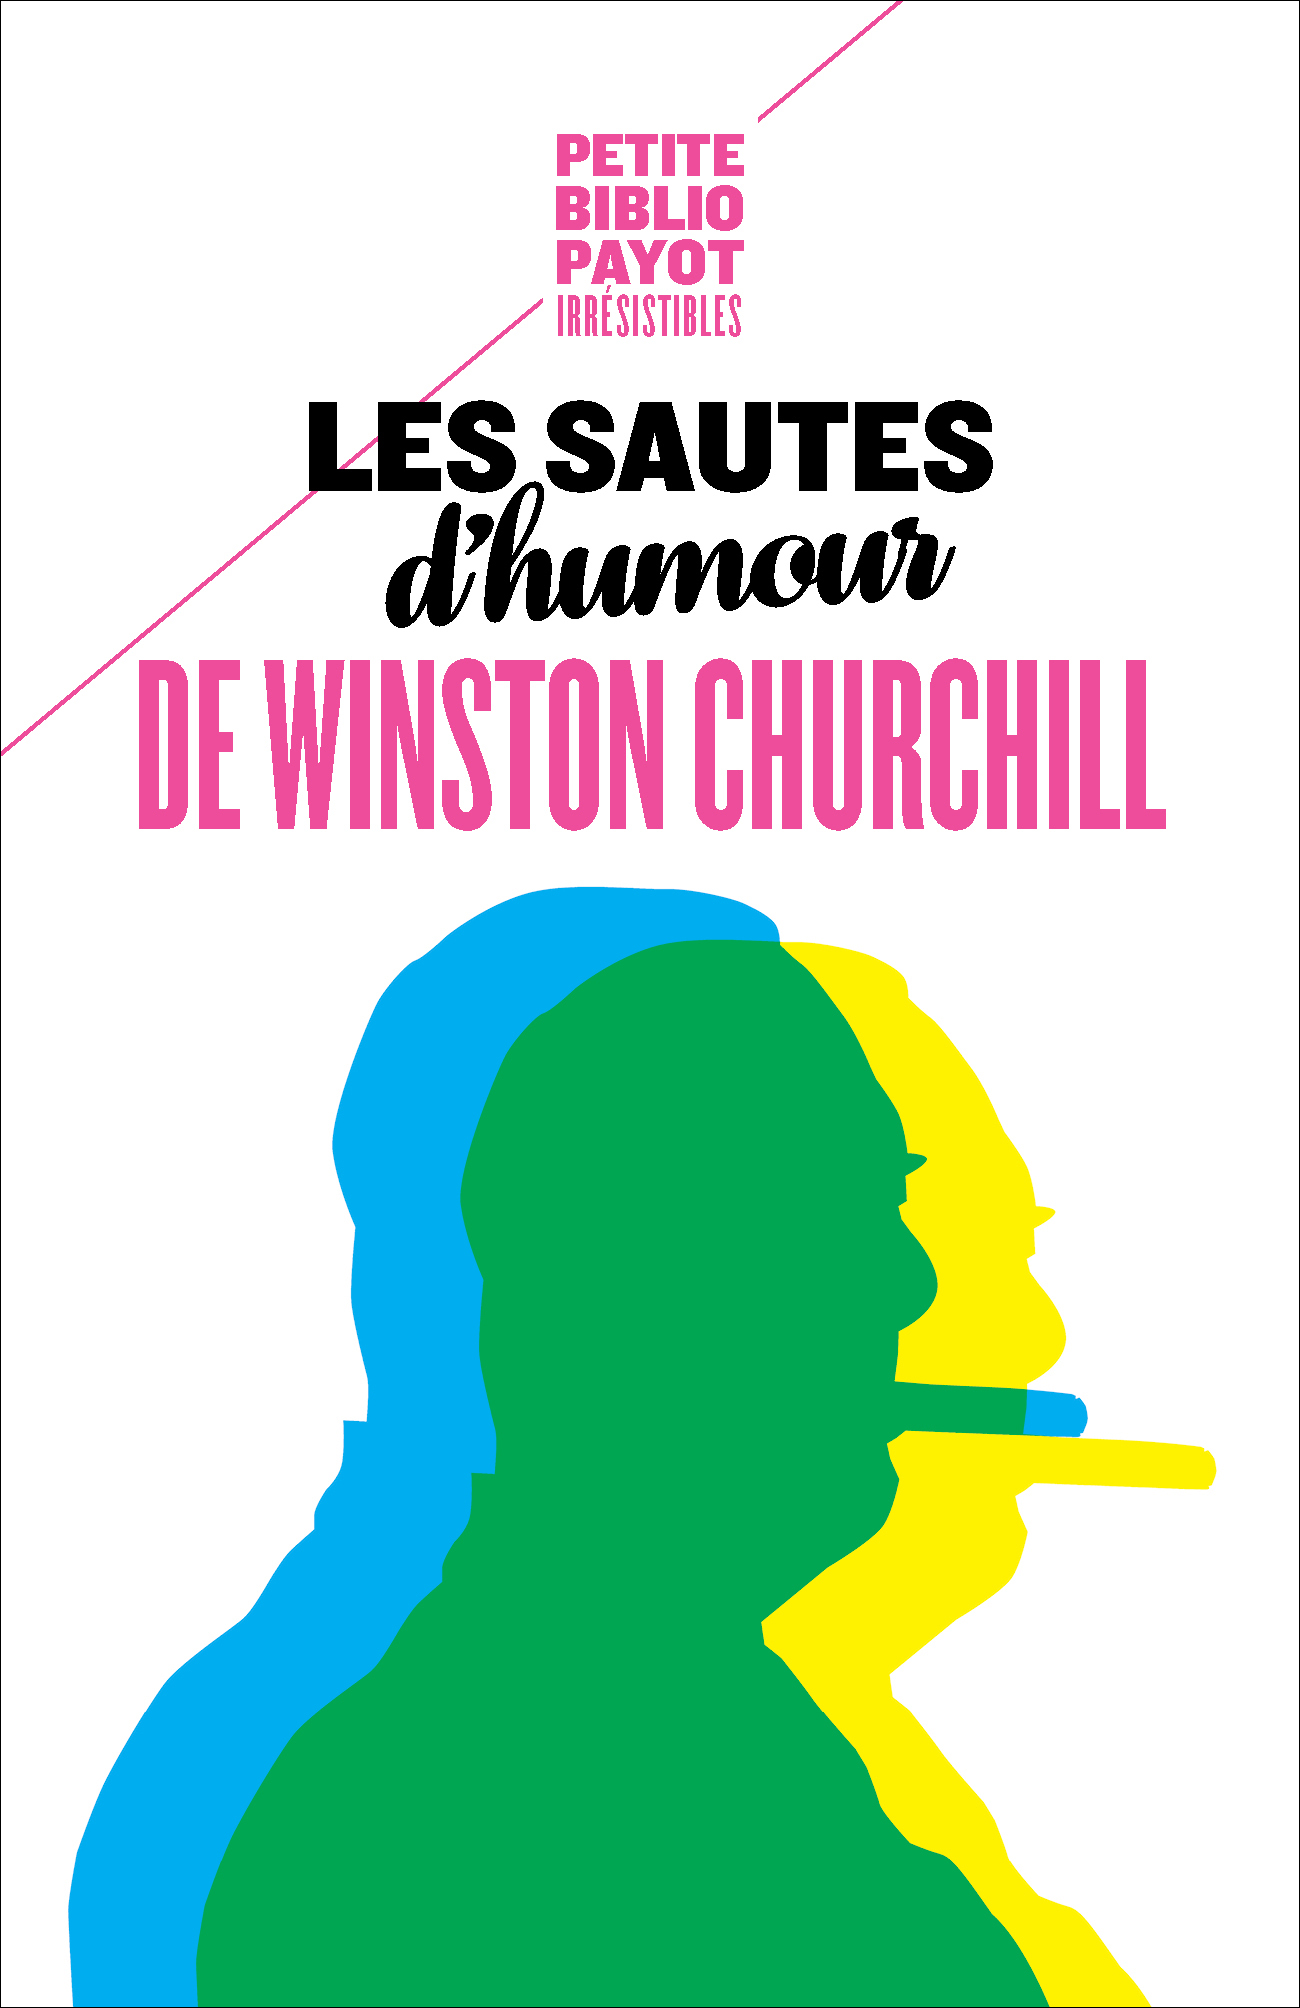 Les sautes d'humour de Winston Churchill